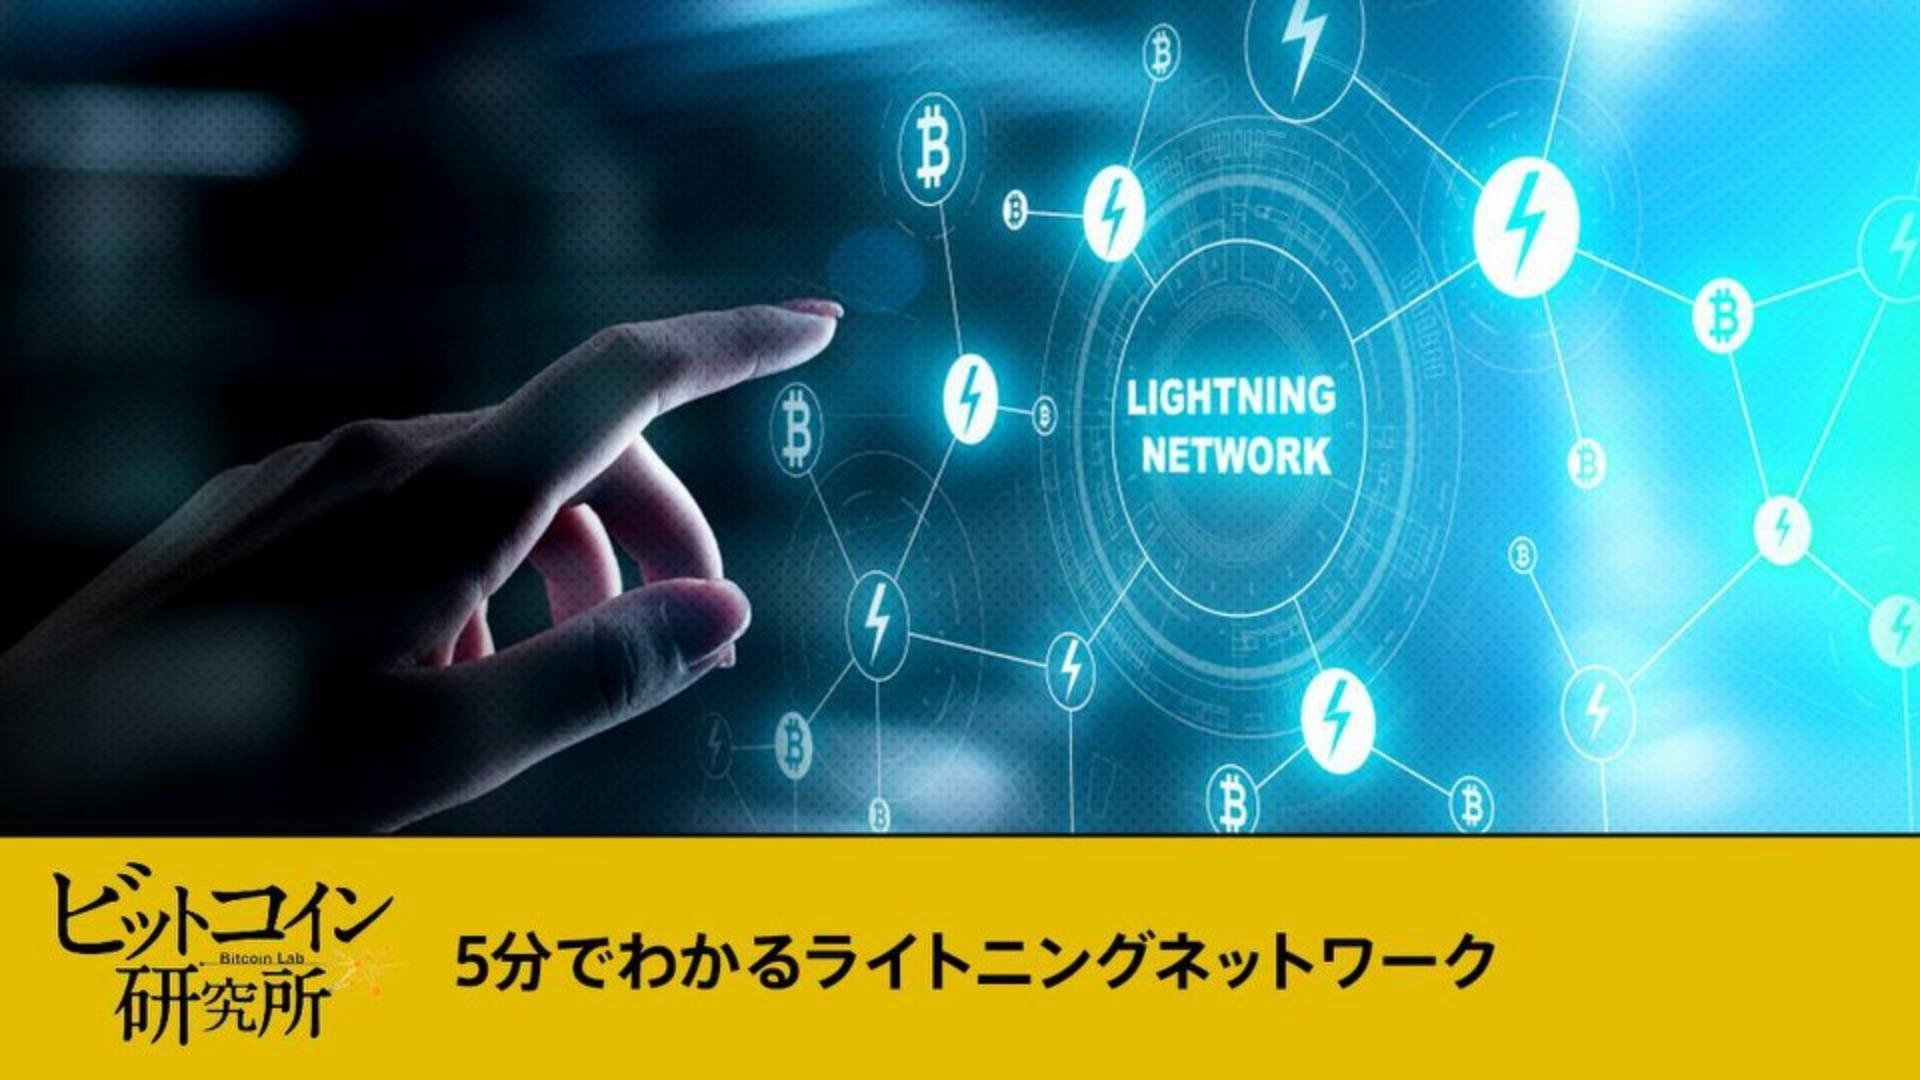 【レポート No.126】5分でわかるライトニングネットワーク